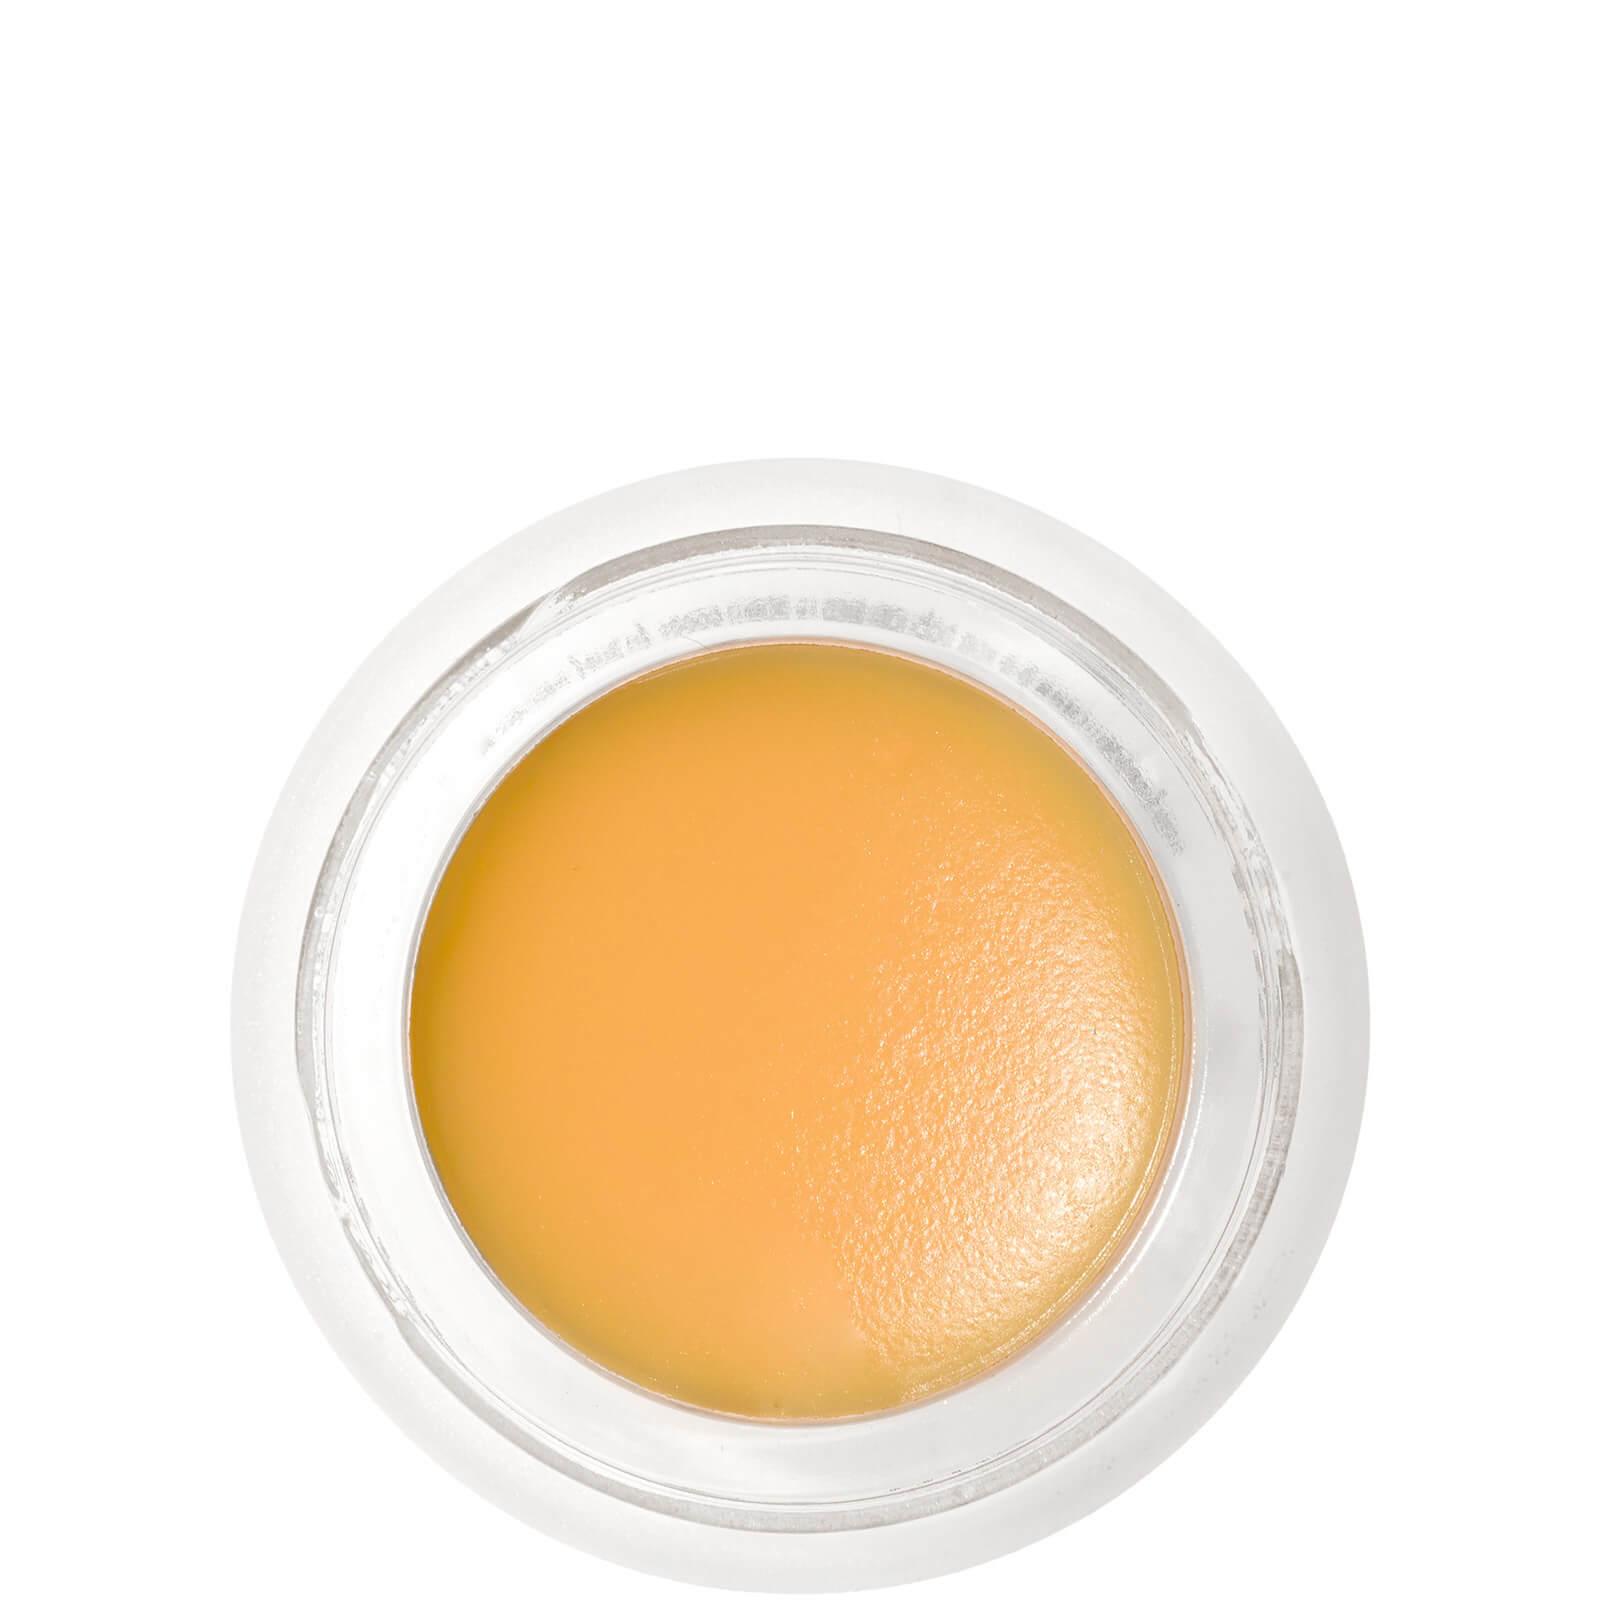 Купить RMS Beauty Lip and Skin Balm - Simply Cocoa